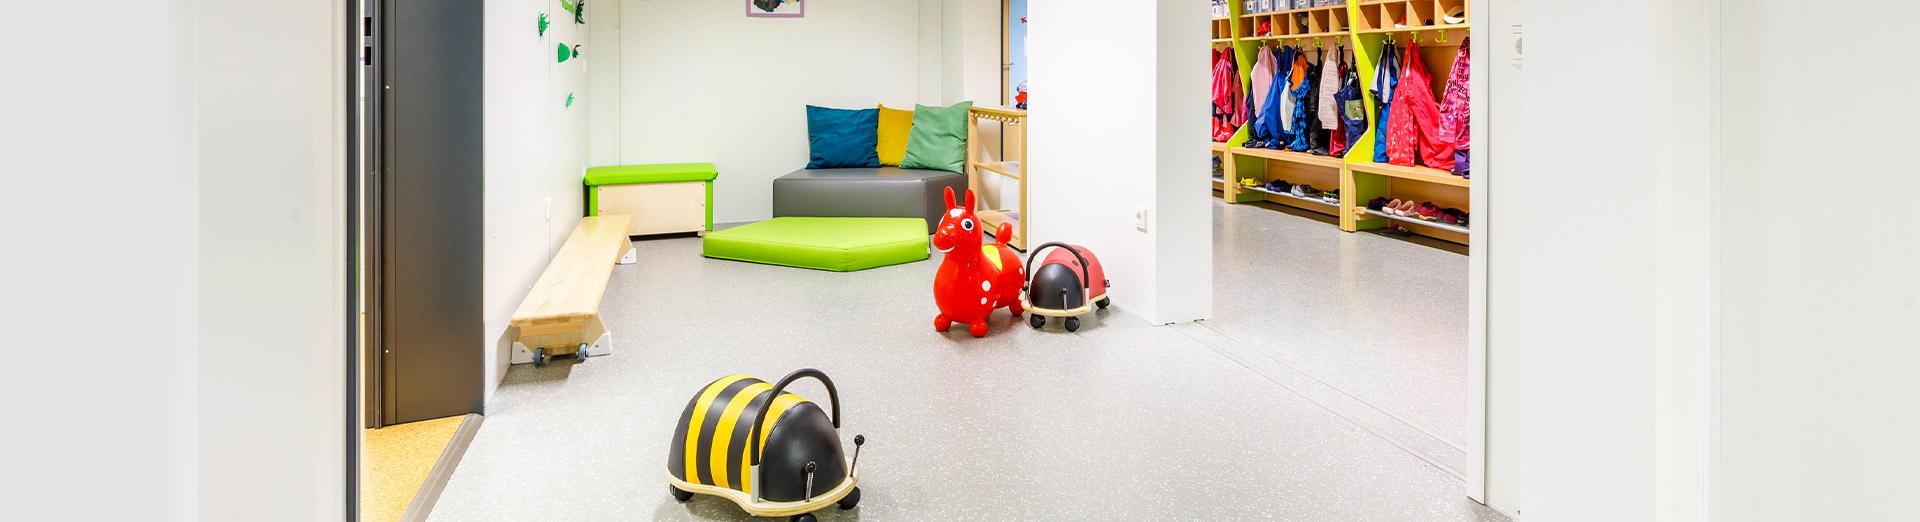 Vorraum mit Spielzeug im BRK-Kindernest | Foto: Studio Thomas Köhler im Auftrag der Container Rent Petri GmbH